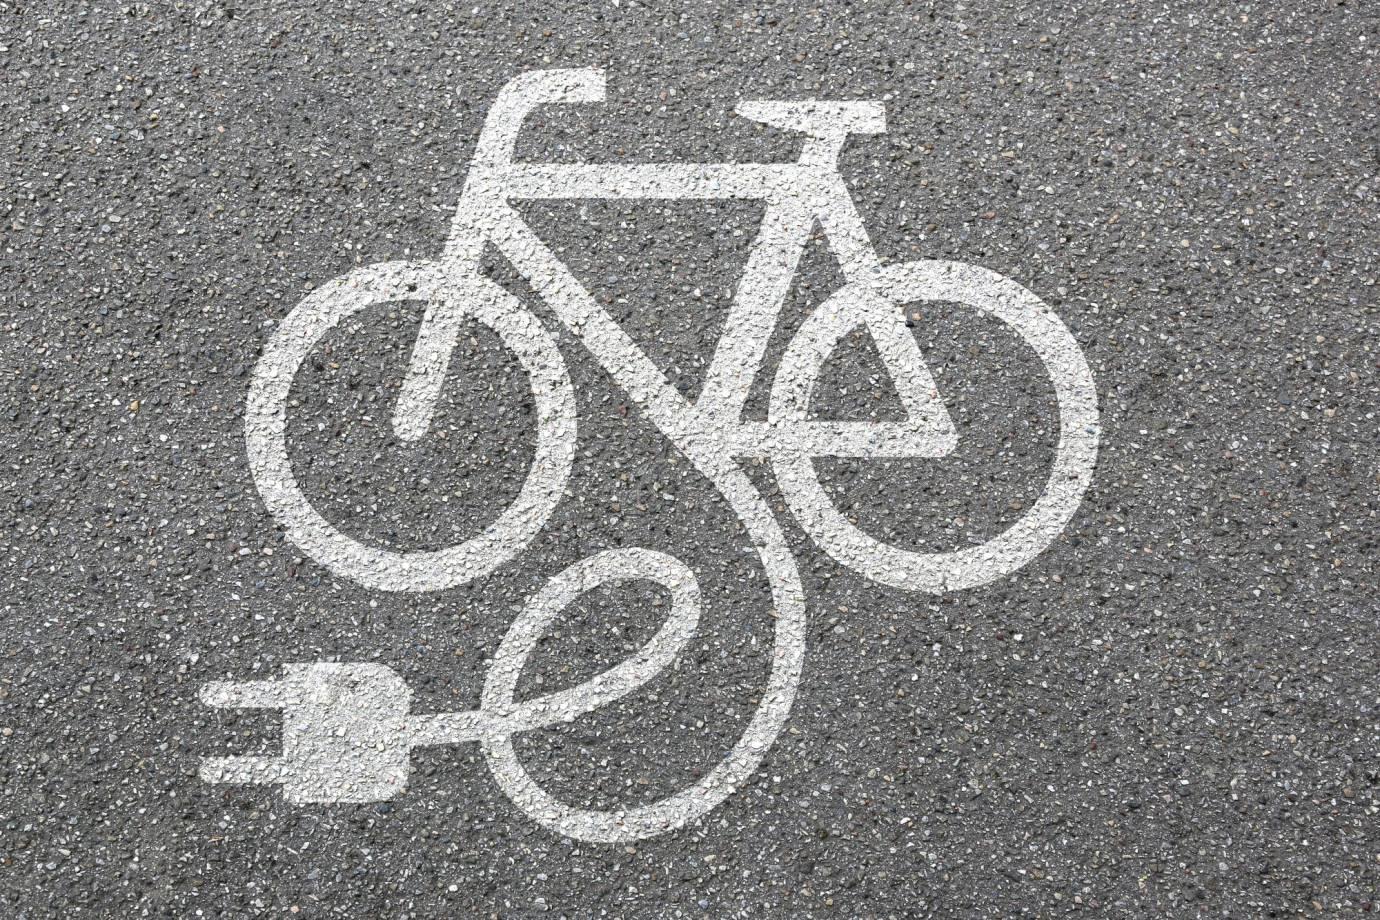 e-bike emblem